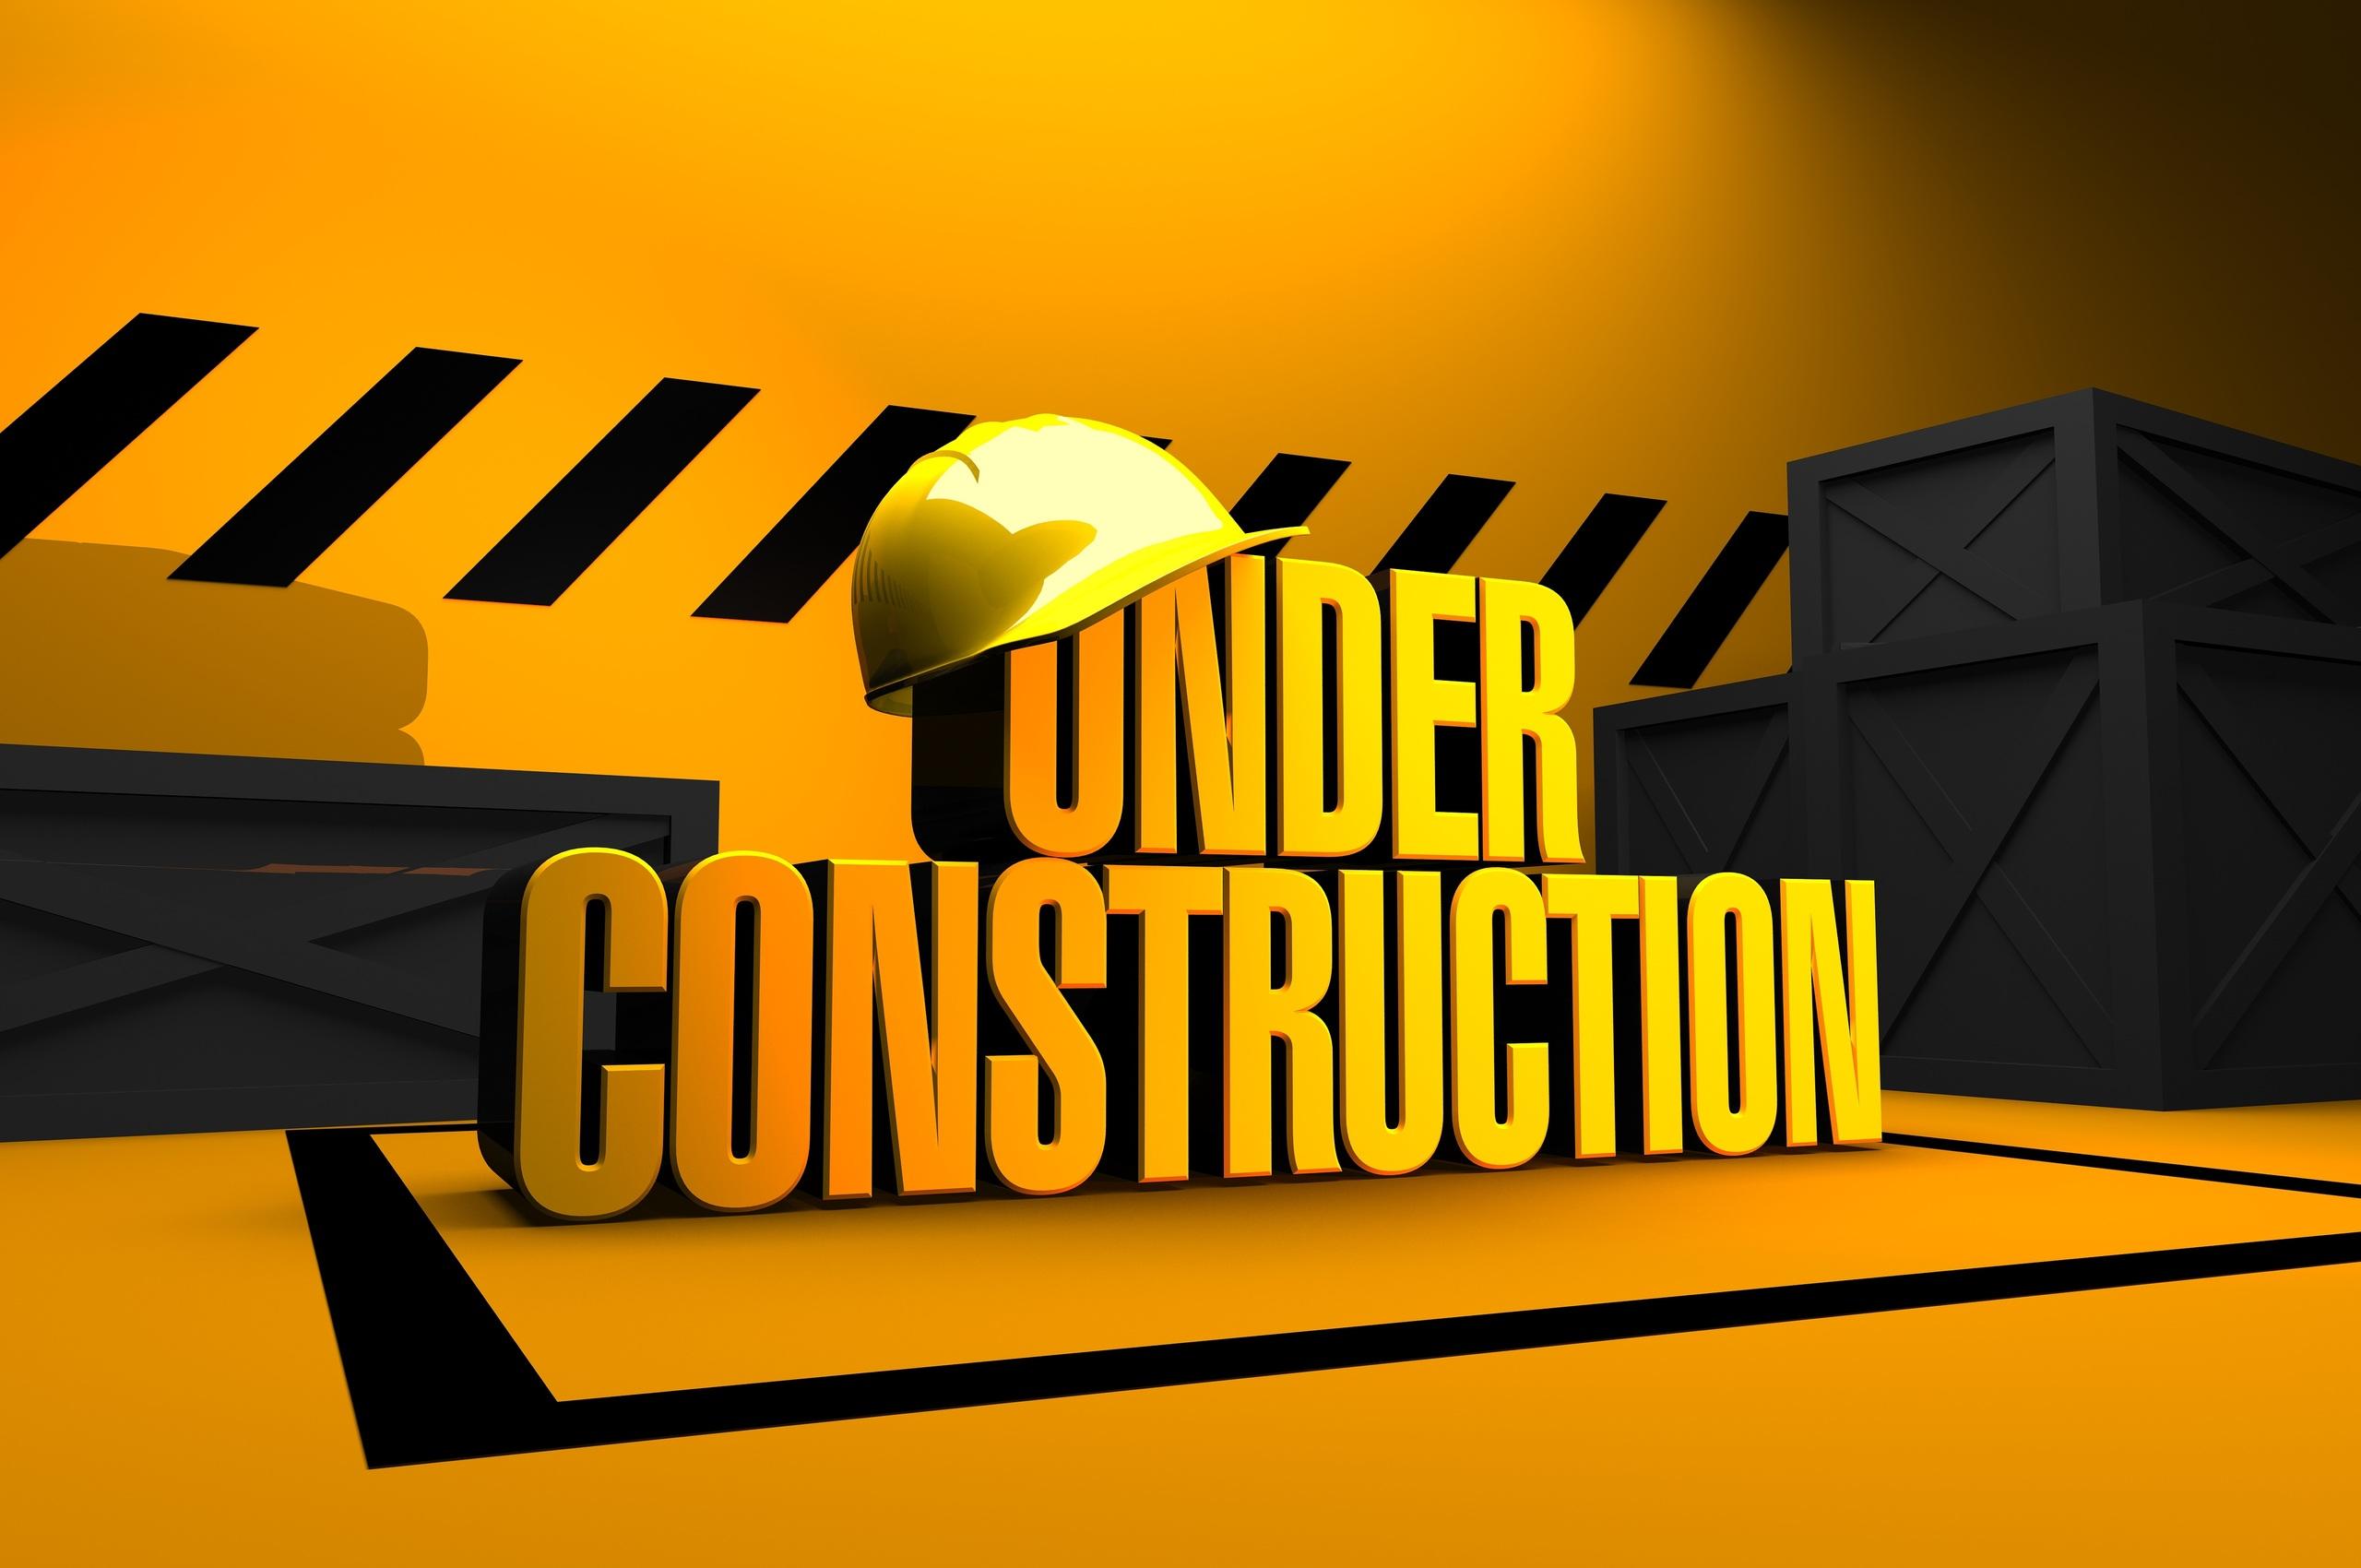 under-construction-build-work-architecture-iy.jpg